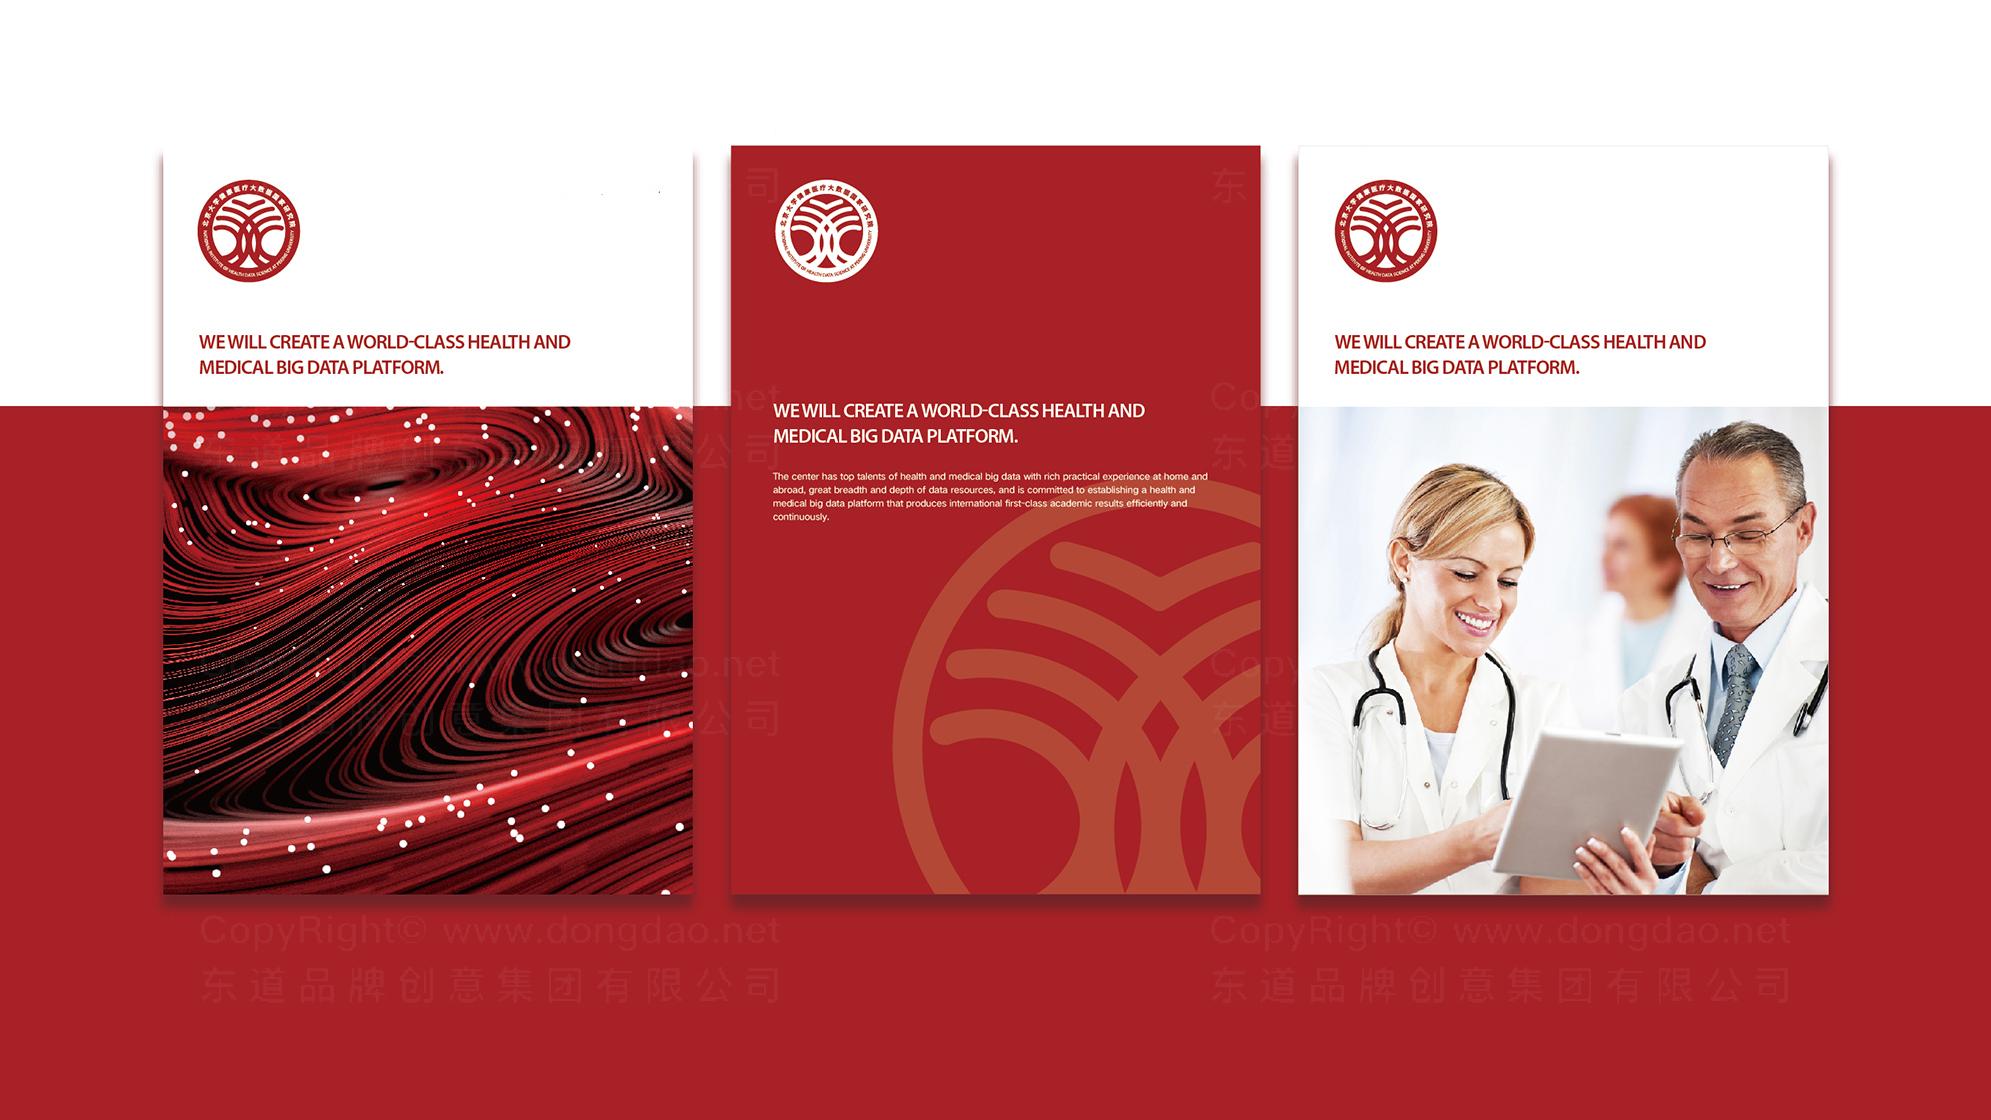 品牌设计北大医疗健康数据研究院logo设计、vi设计应用场景_4